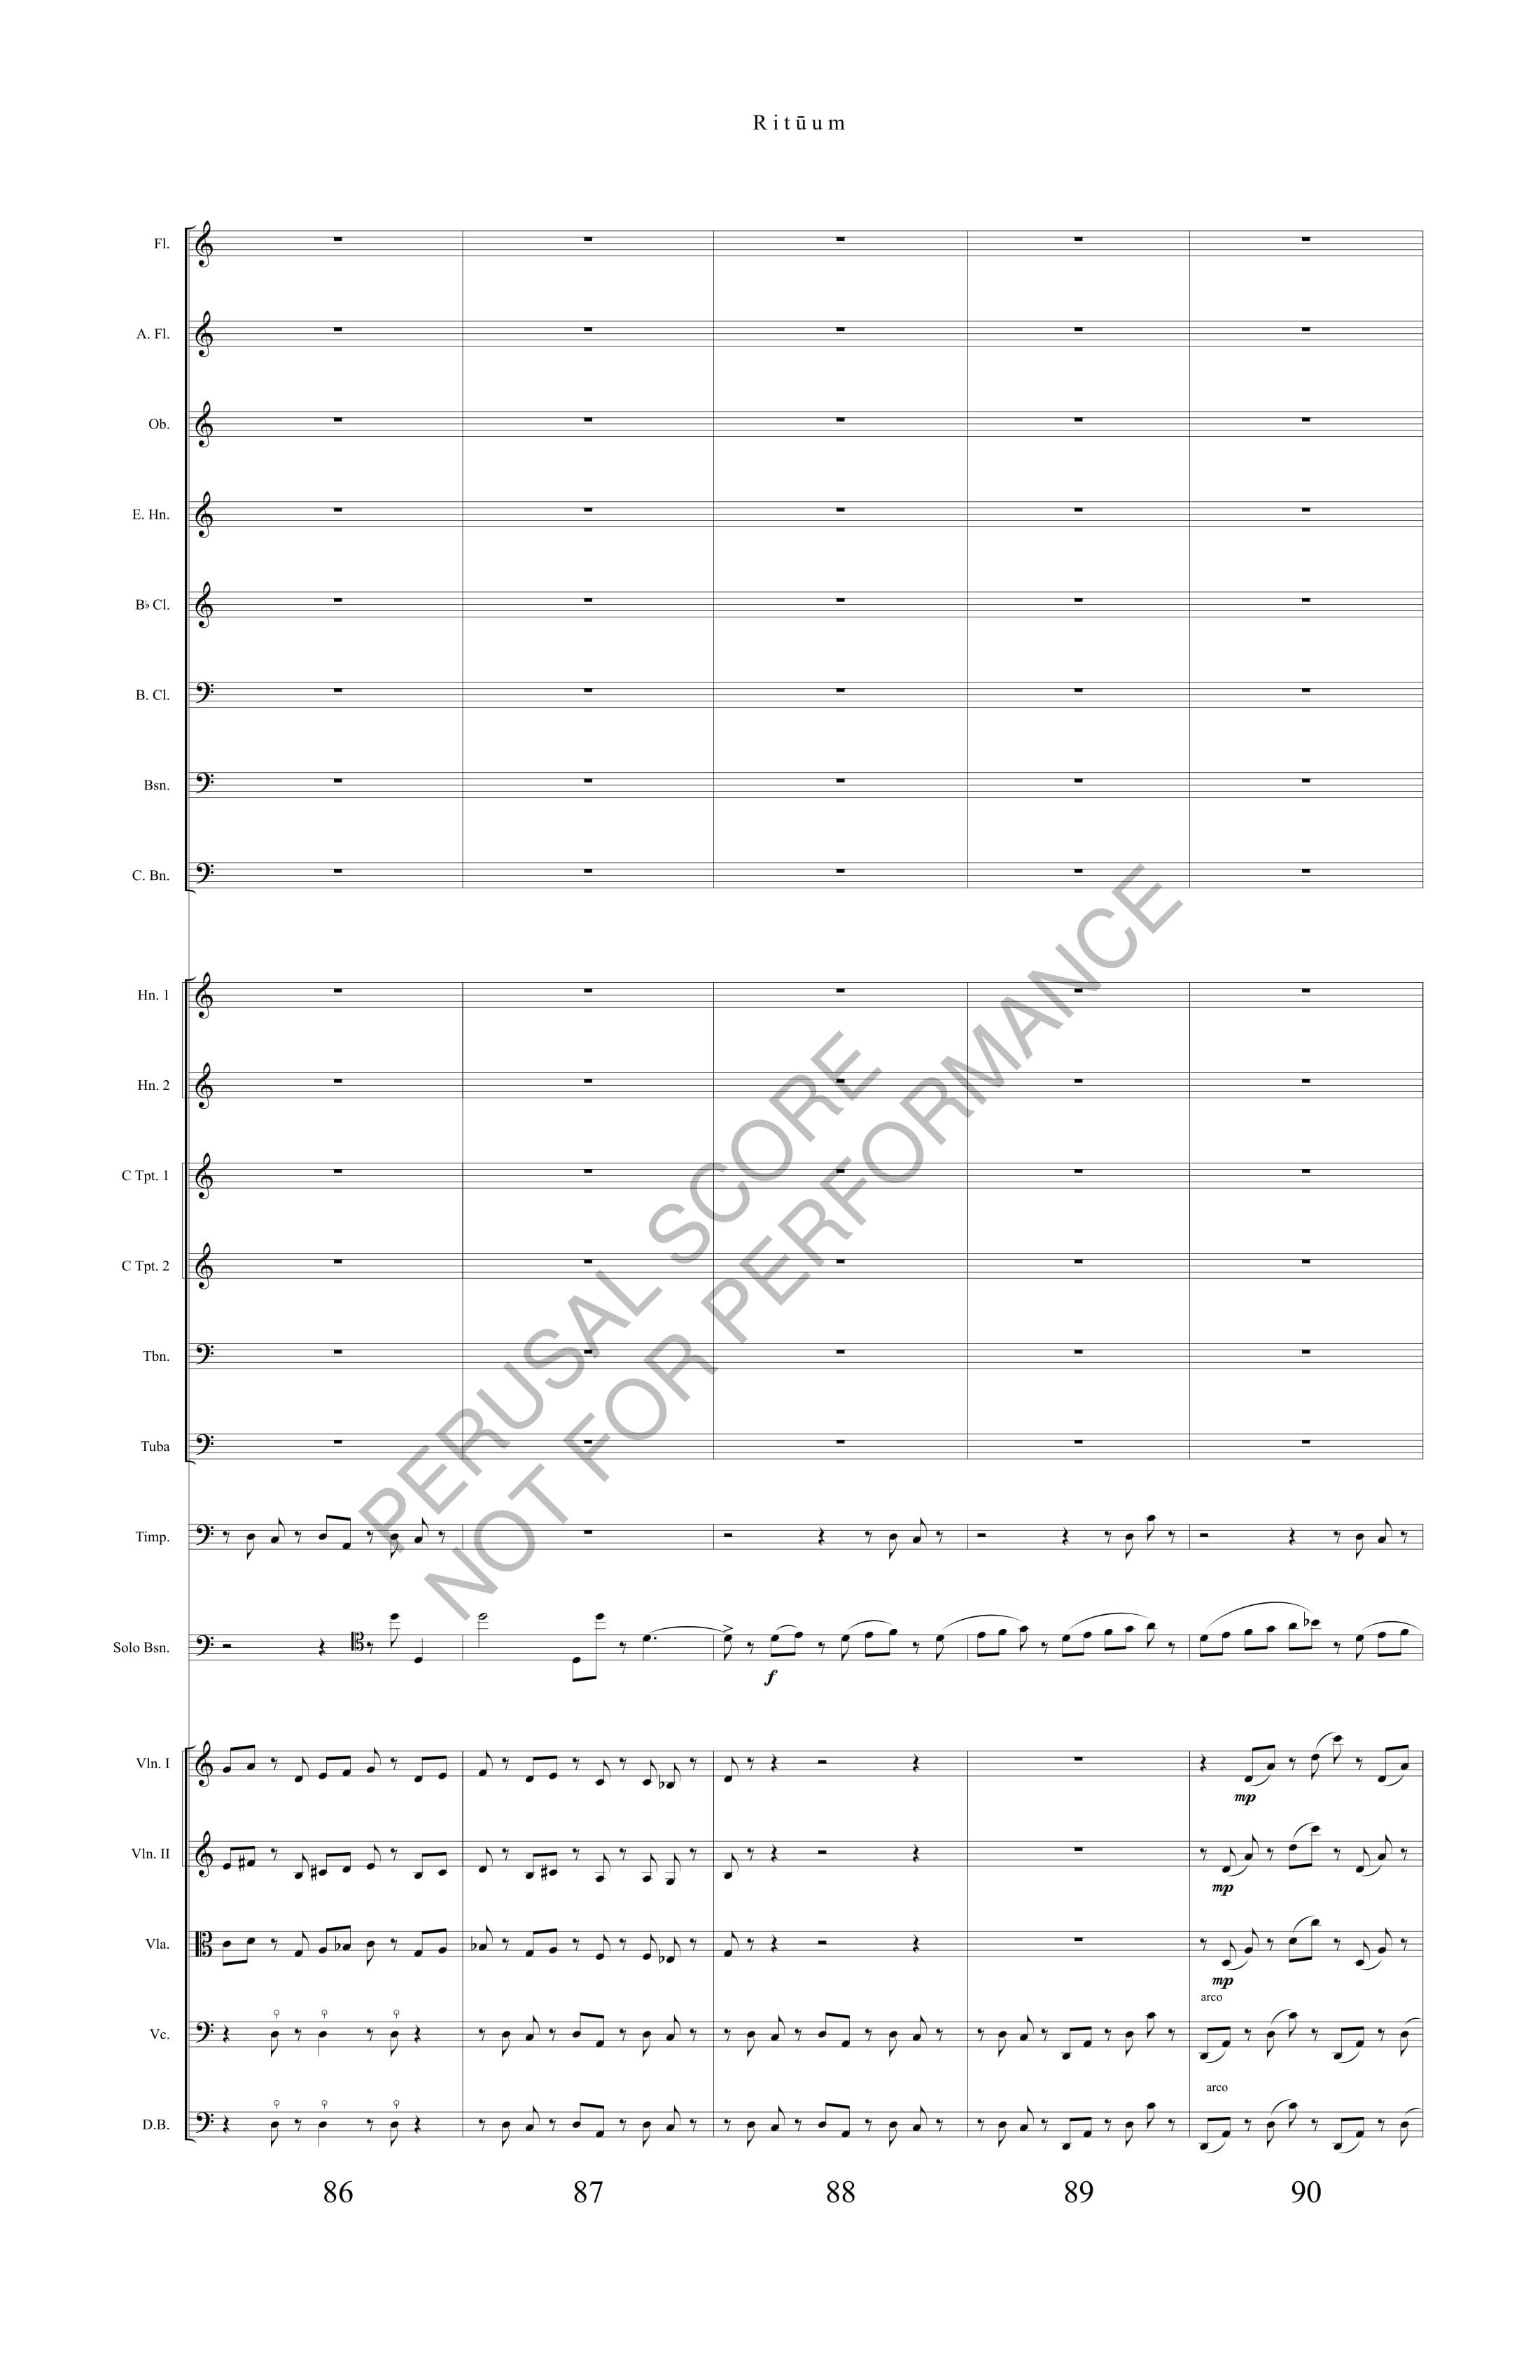 Boyd Rituum Score-watermark (1)-24.jpg